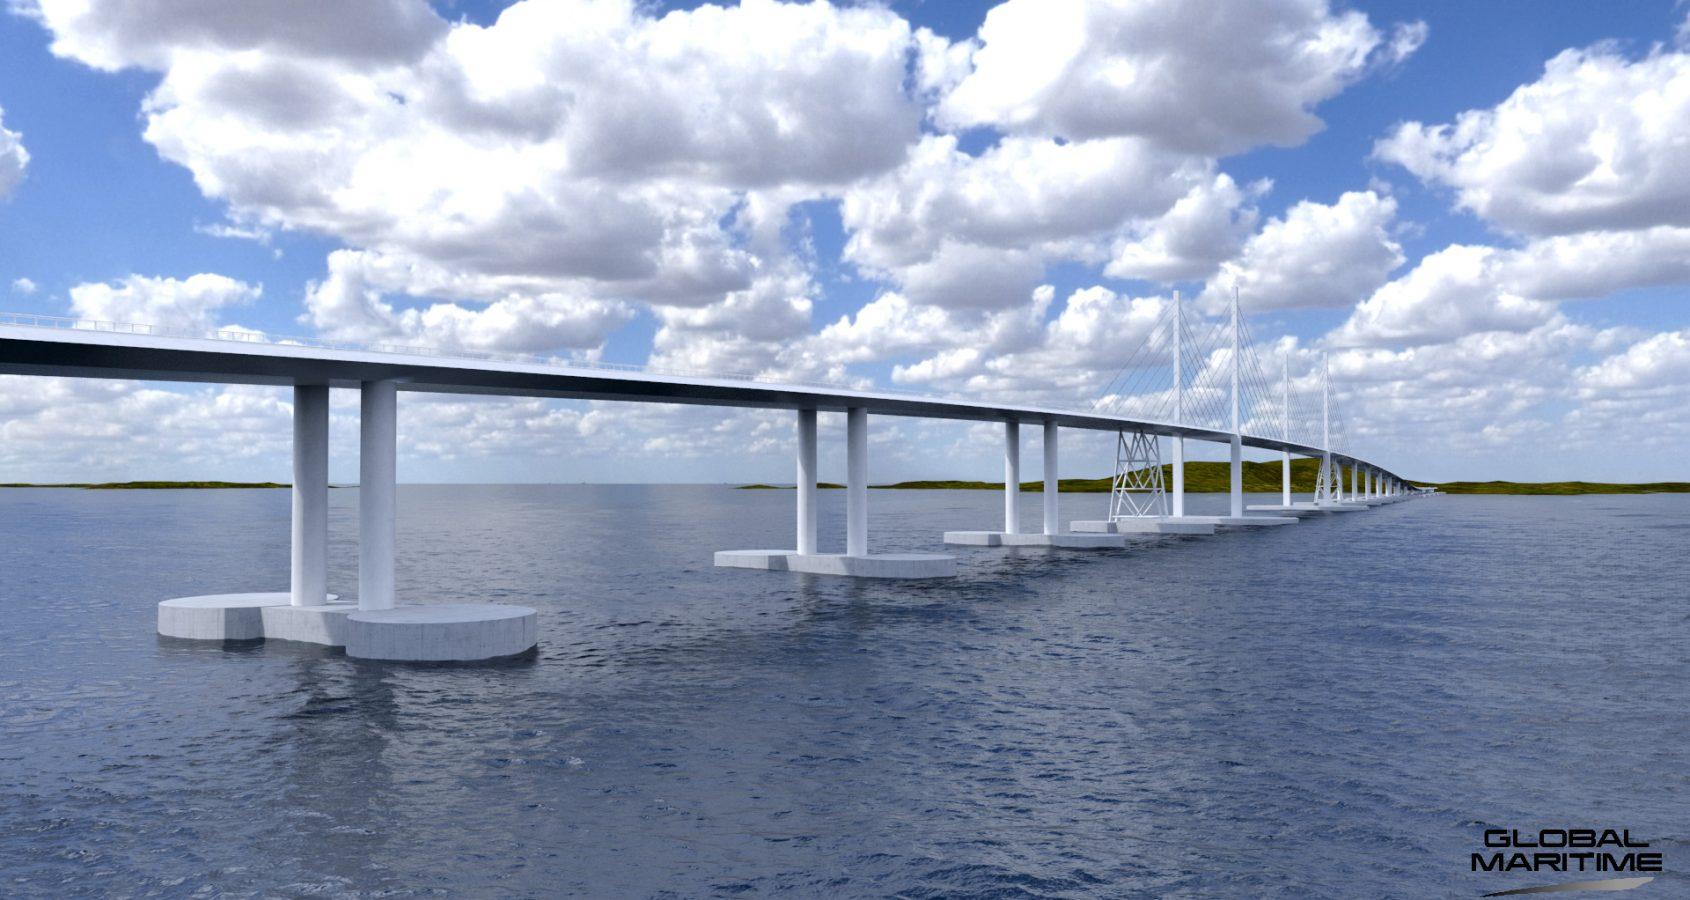 Anstelle einer Fähre könnte es künftig eine schwimmende Brücke über den Bjørnafjord geben. Verschiedene Varianten der Überquerung wurden zur Technologiekonferenz in Trondheim vorgestellt.©Global Maritim